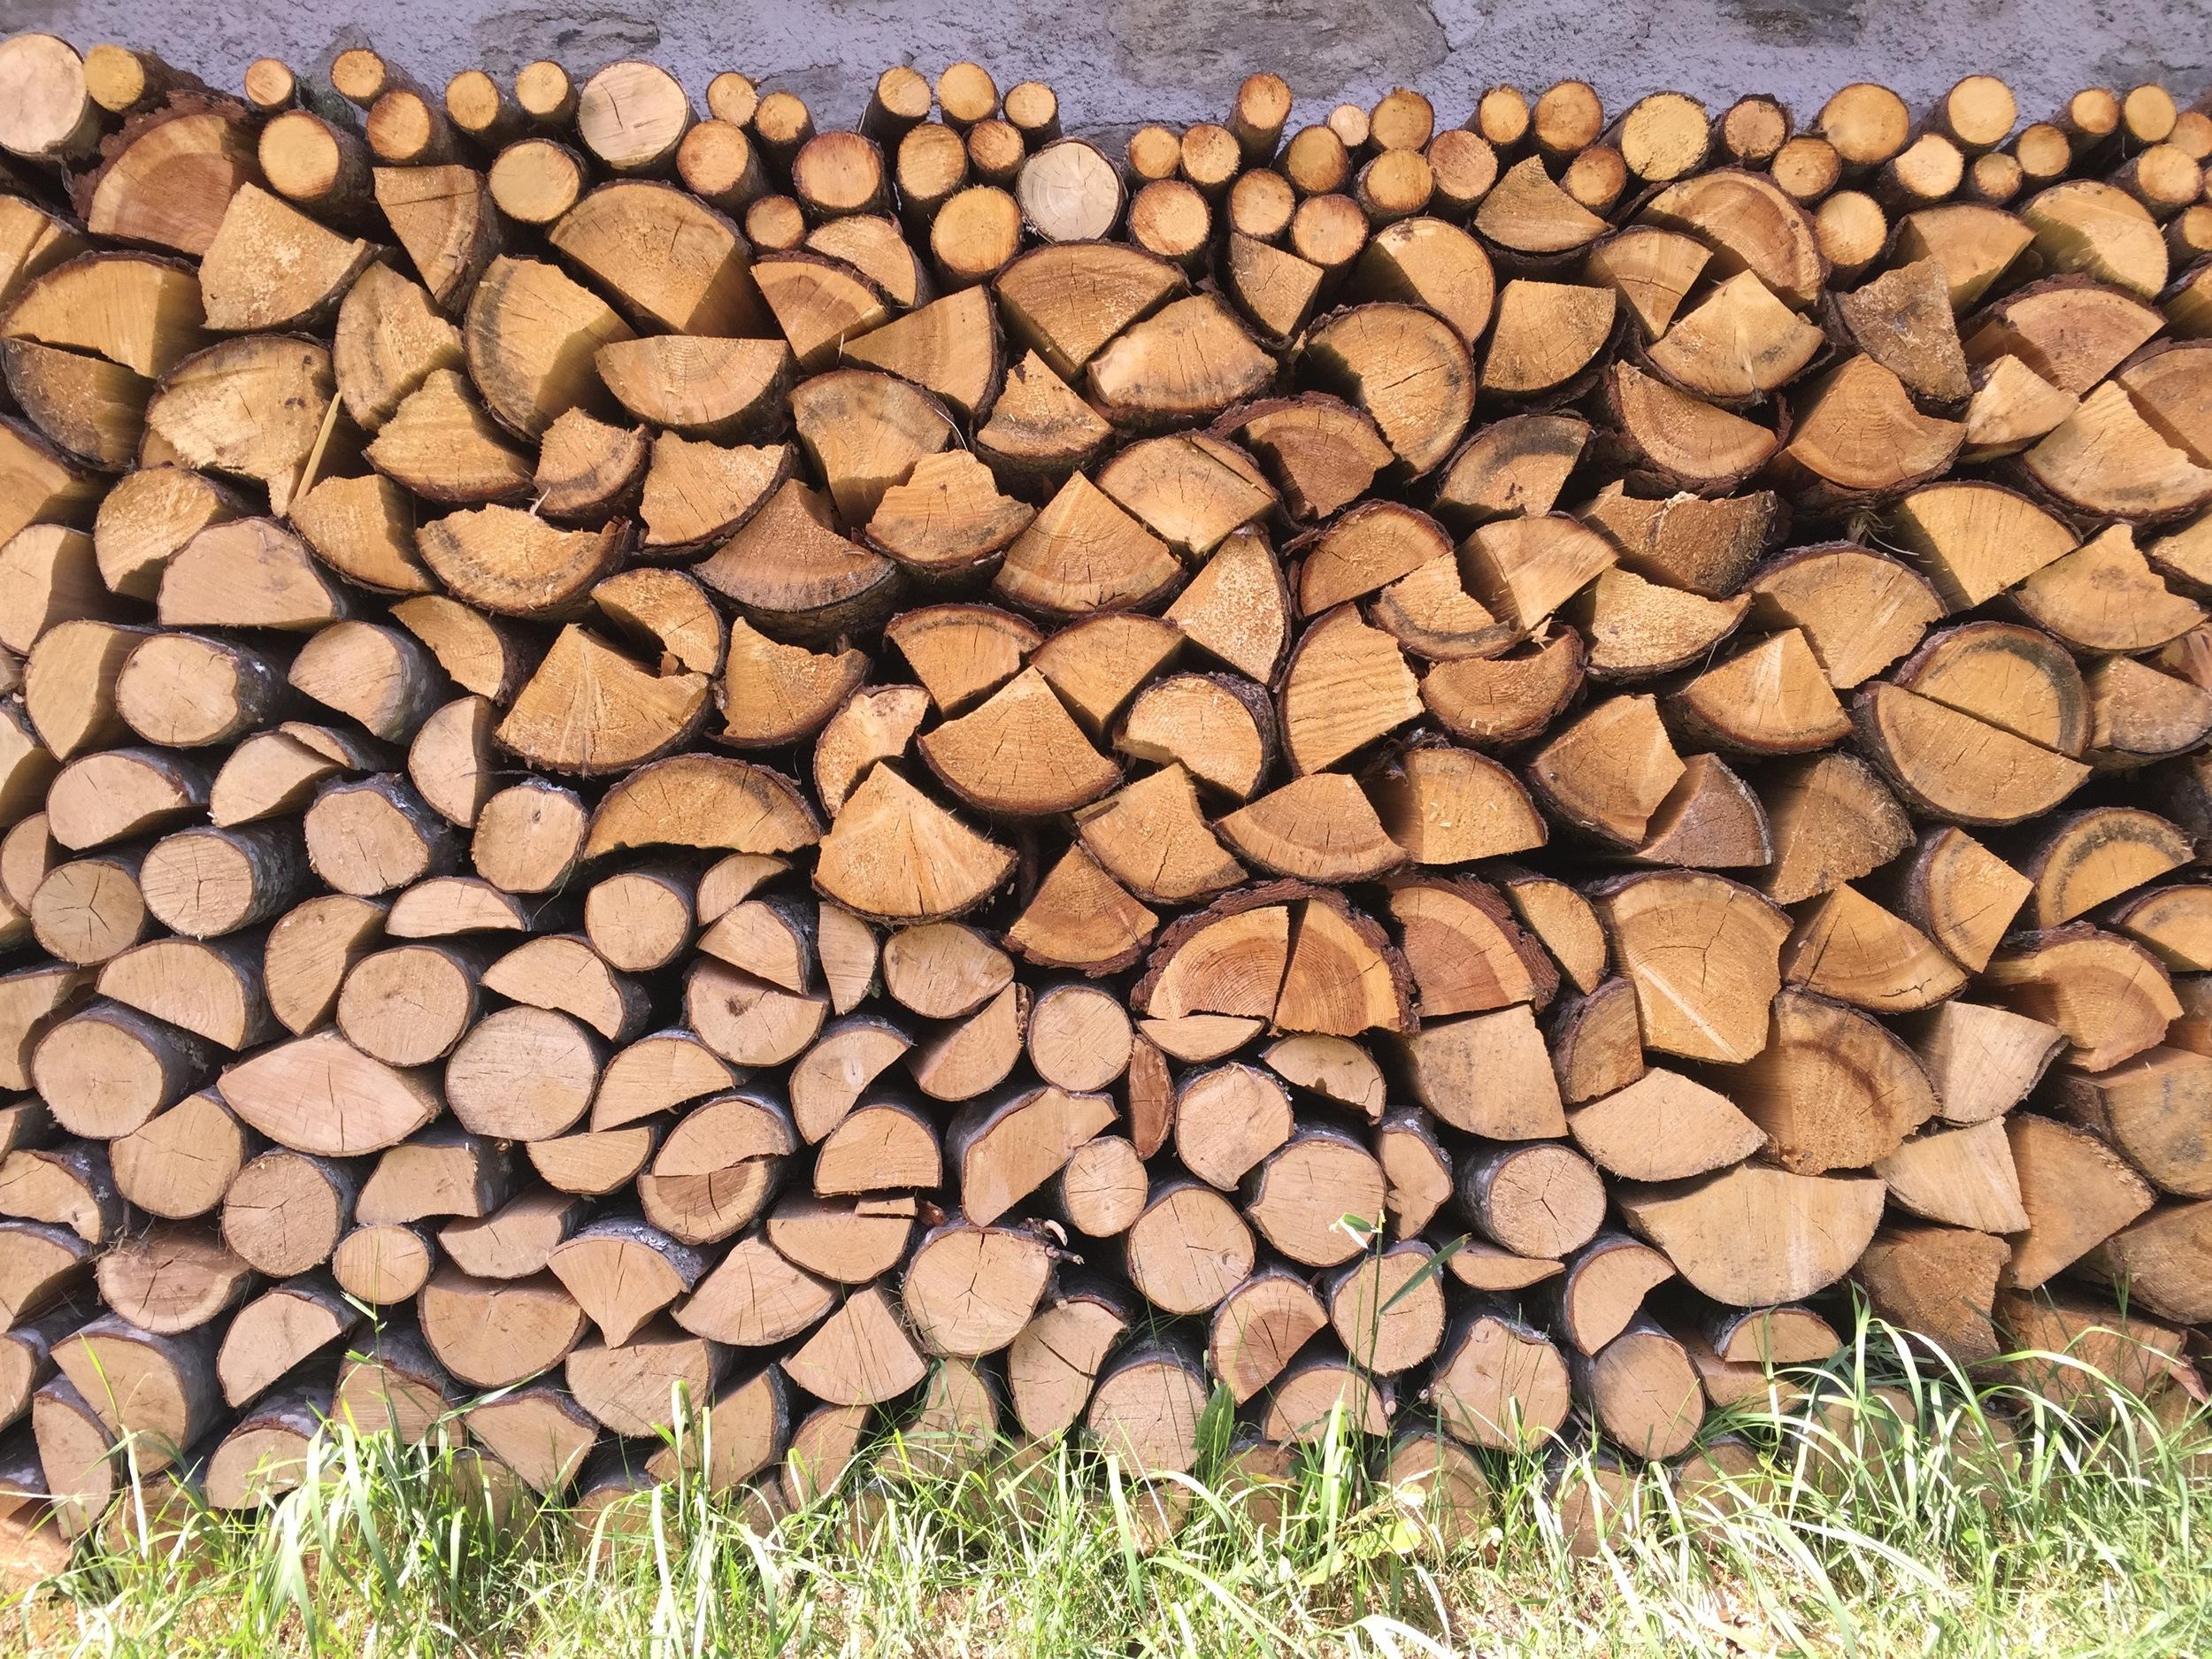 Stockpiling for winter